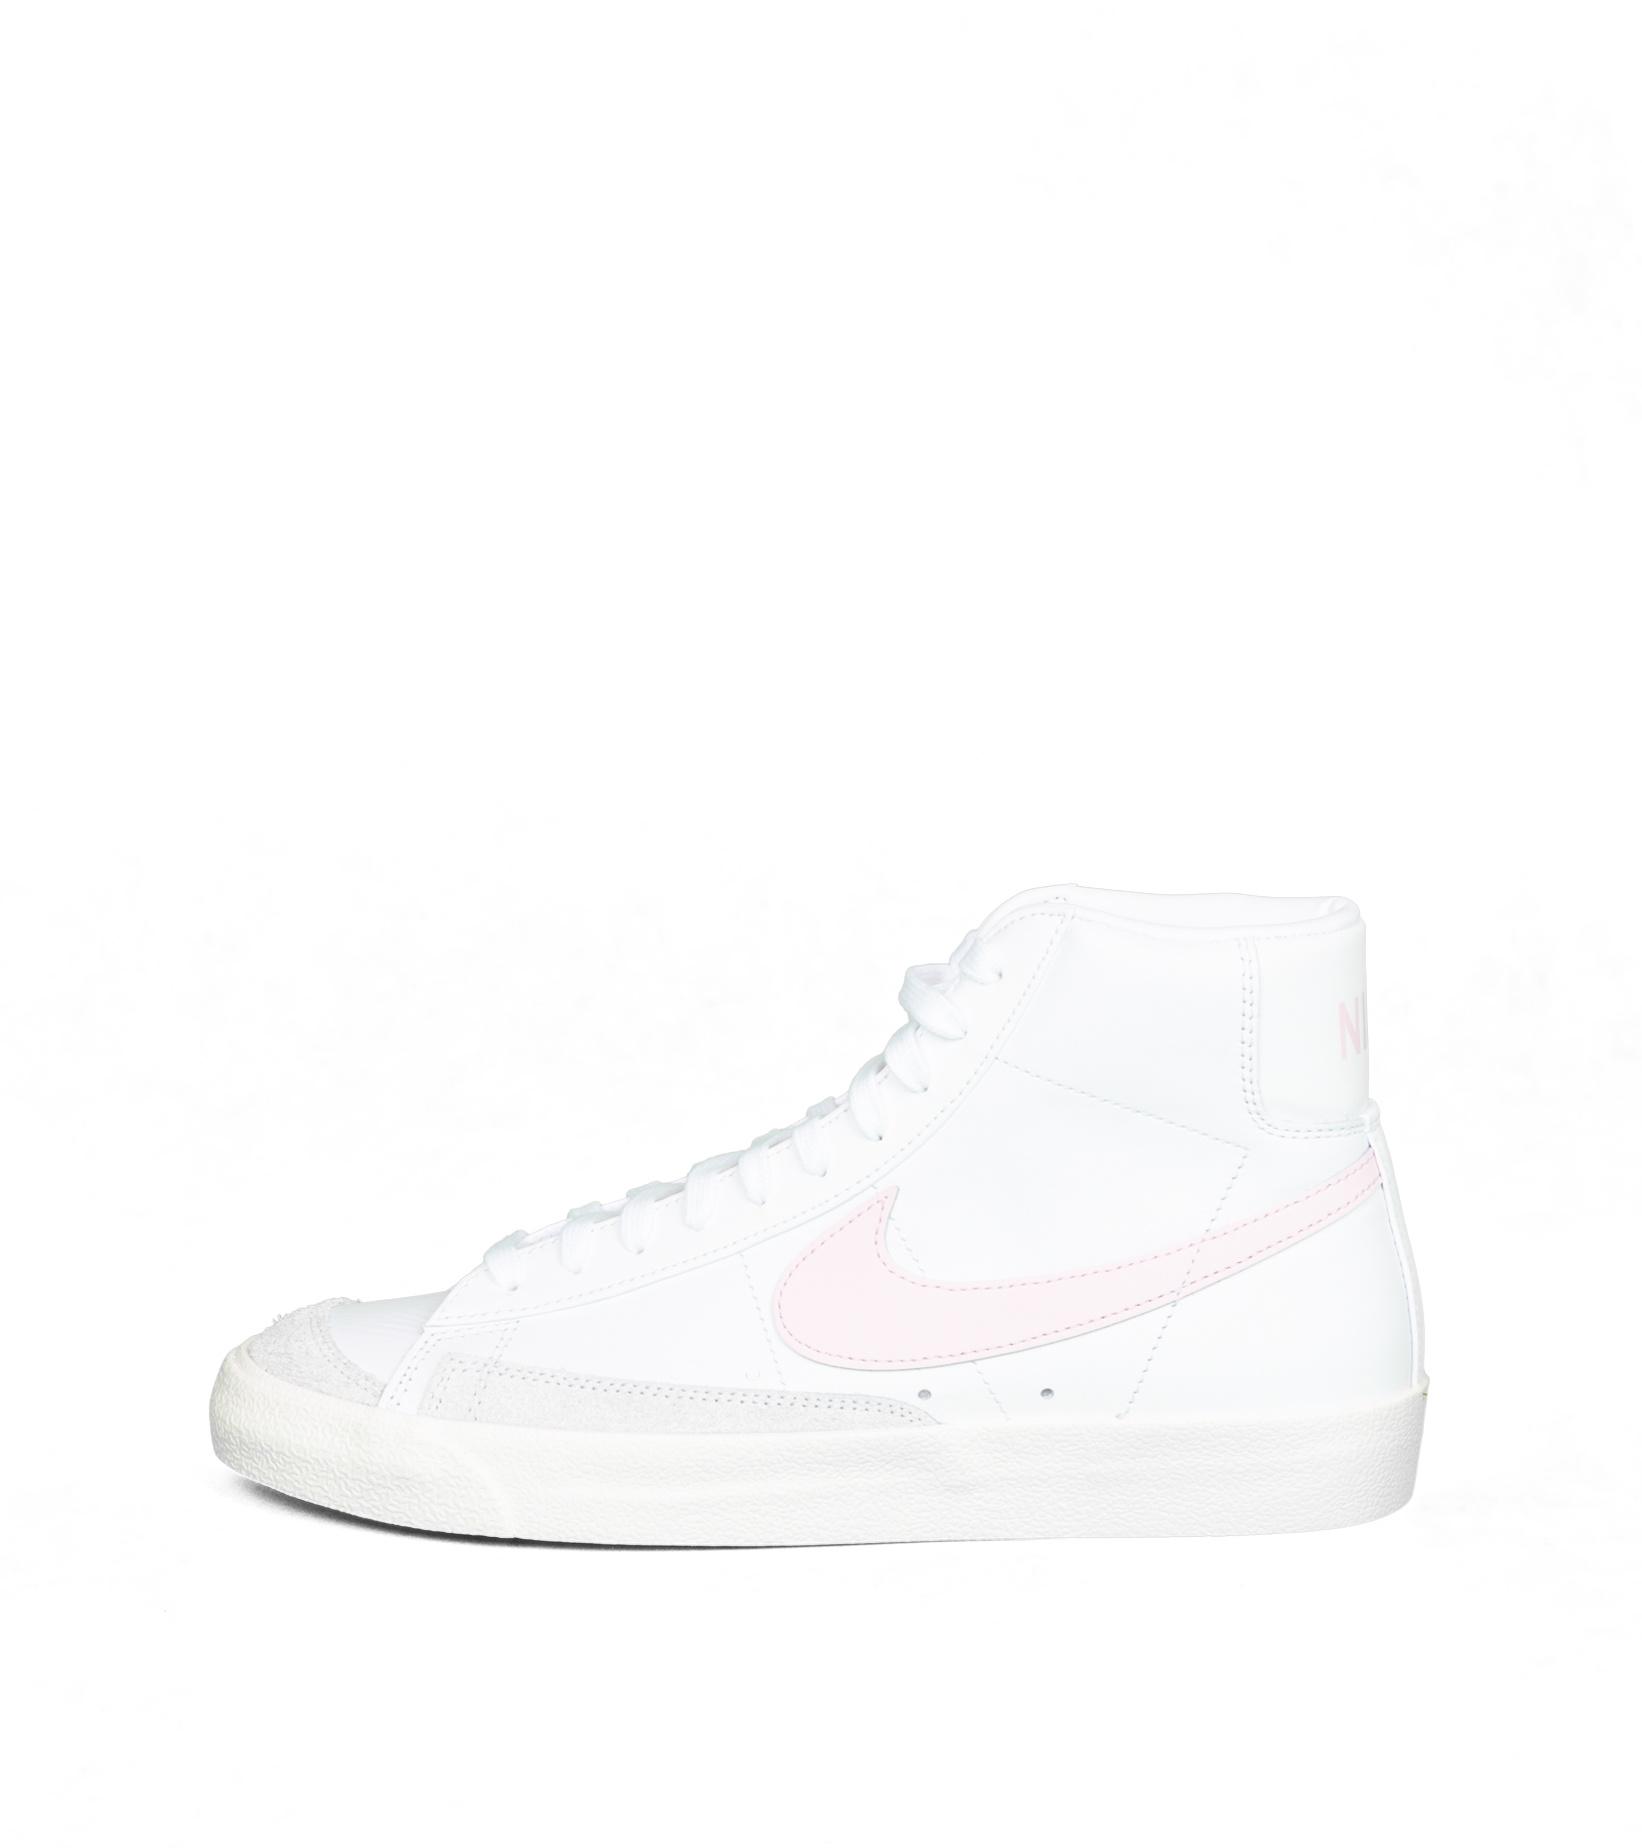 """Blazer Mid '77 Vintage """"White /Pink Foam""""-3"""